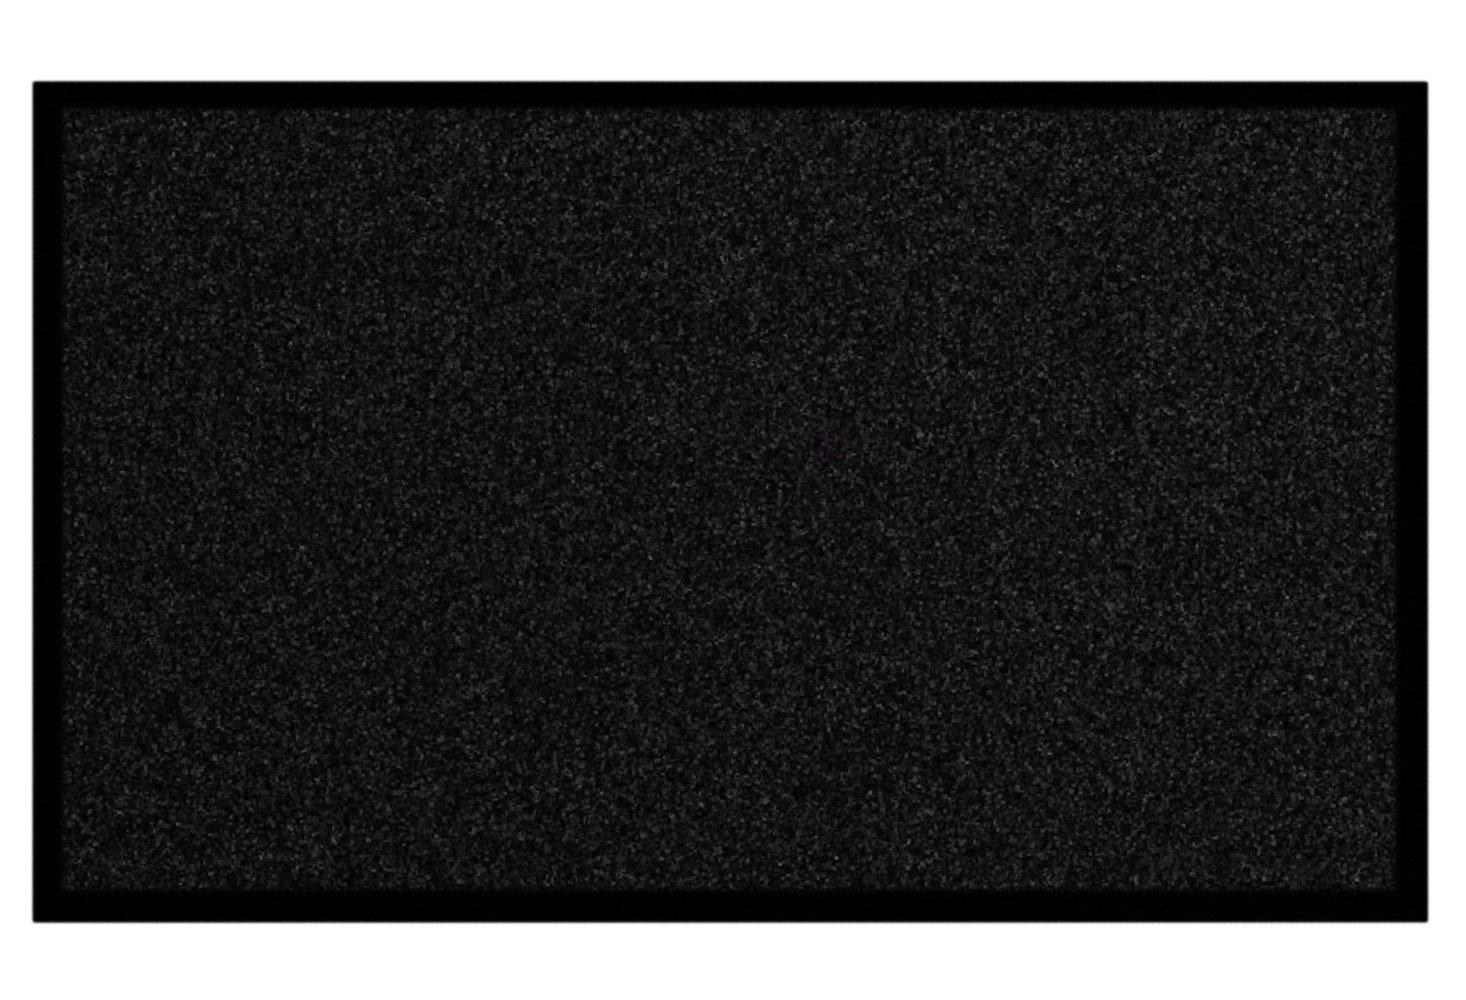 Extra starke waschbare waschbare waschbare premium Schmutzfangmatte – für Industrie, Gewerbe, Geschäft, Shop -Grau 115x200cm B07D4JL6YL Fumatten cfc4f3